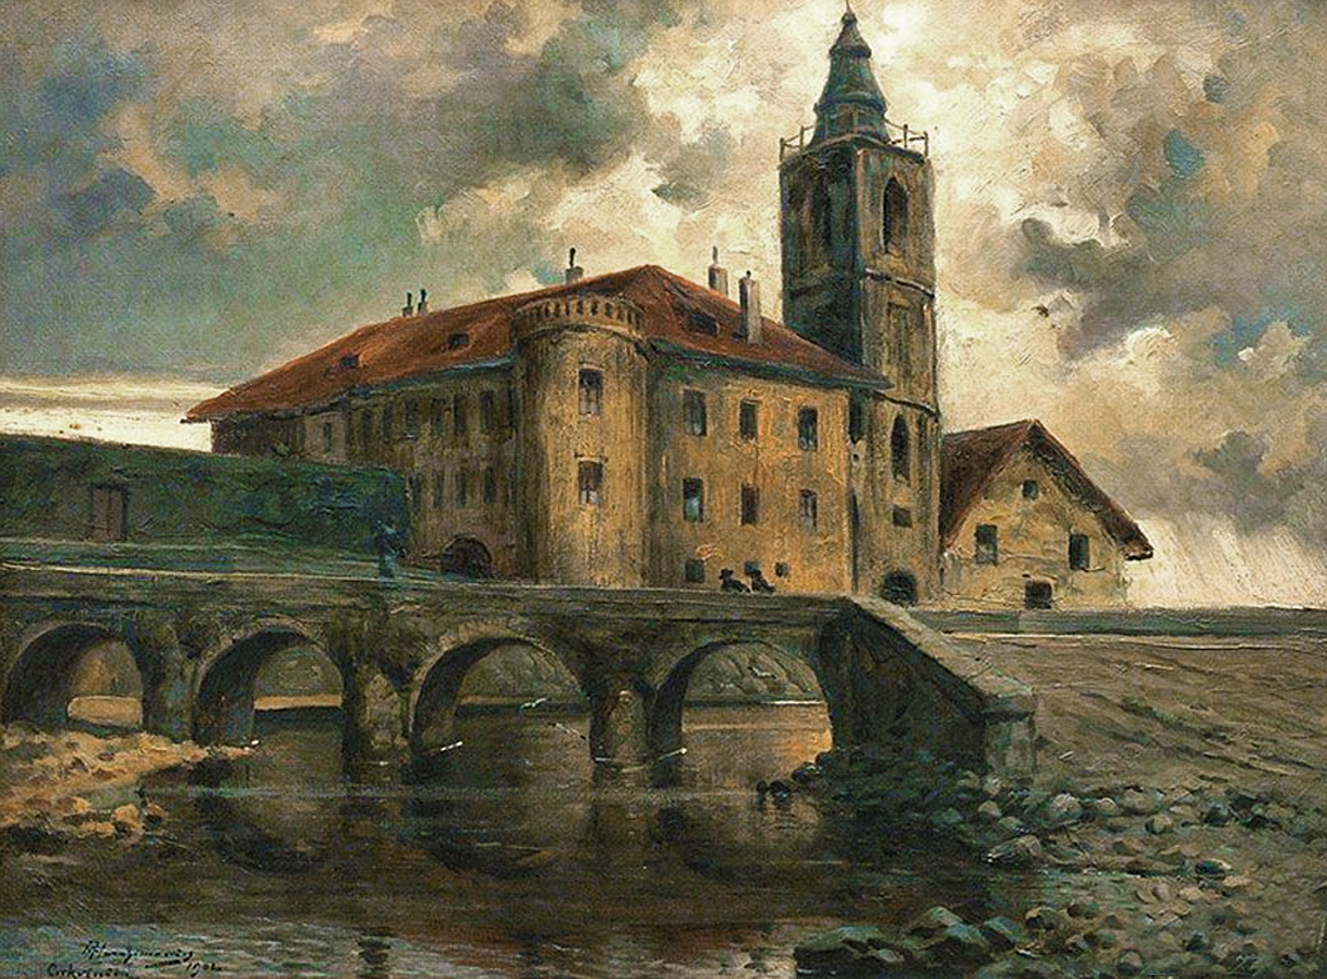 Марцелій Гарасимович. Хорватія, замок в Цриквениці, 1902; олія на полотні, 45х60 см